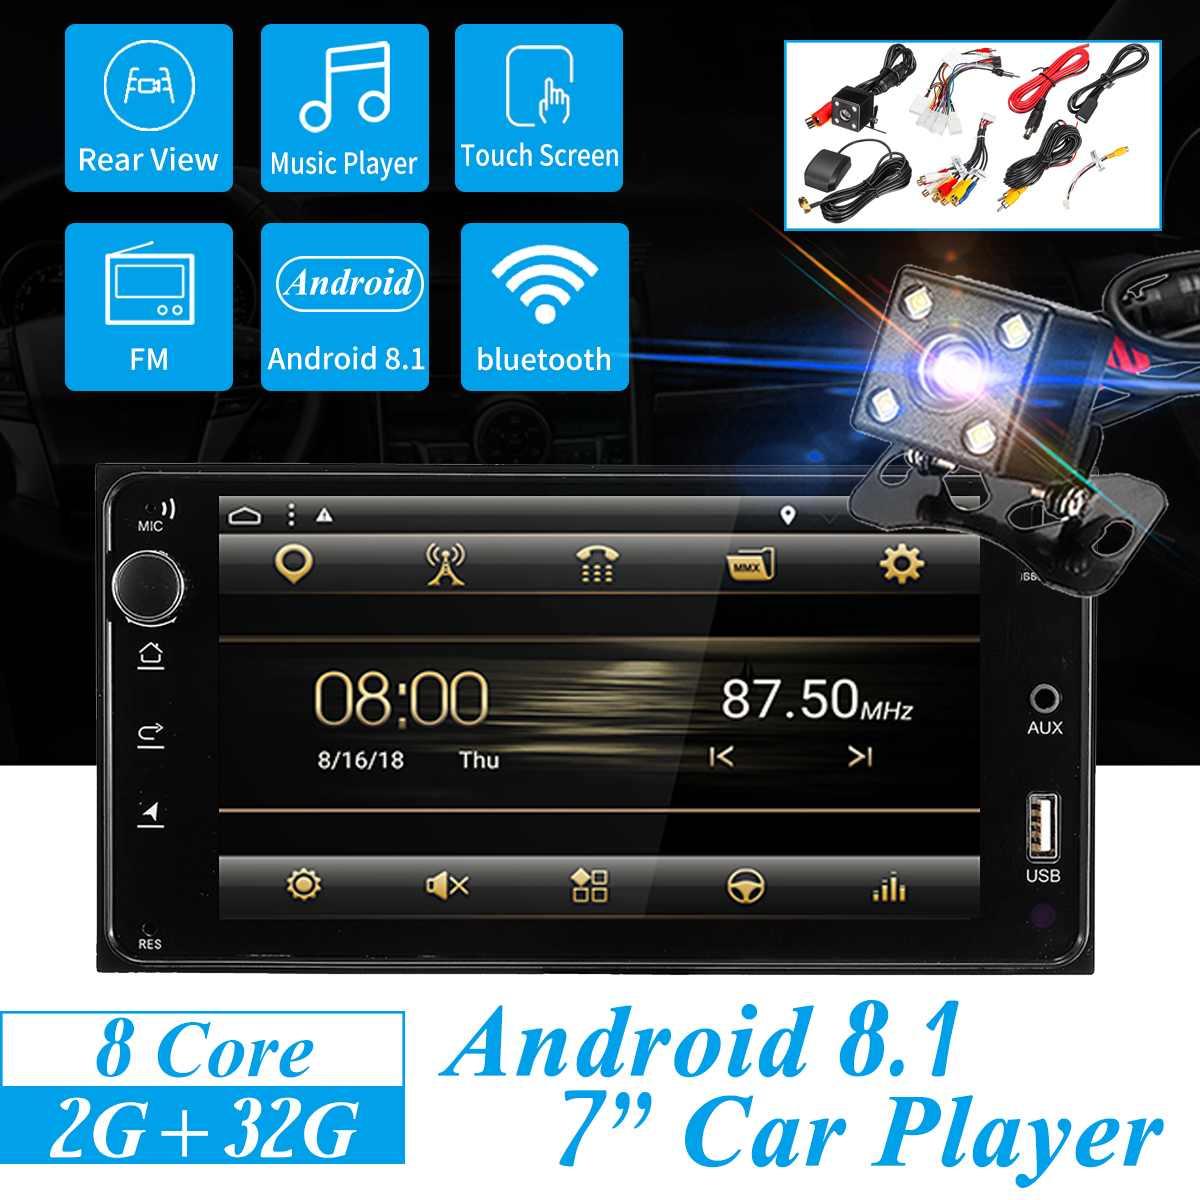 Android 8.1 2G + 32G 8 cœurs autoradio 7 pouces 2 DIN Touchs écran stéréo vidéo MP5 lecteur GPS bluetooth AUX USB FM avec caméra